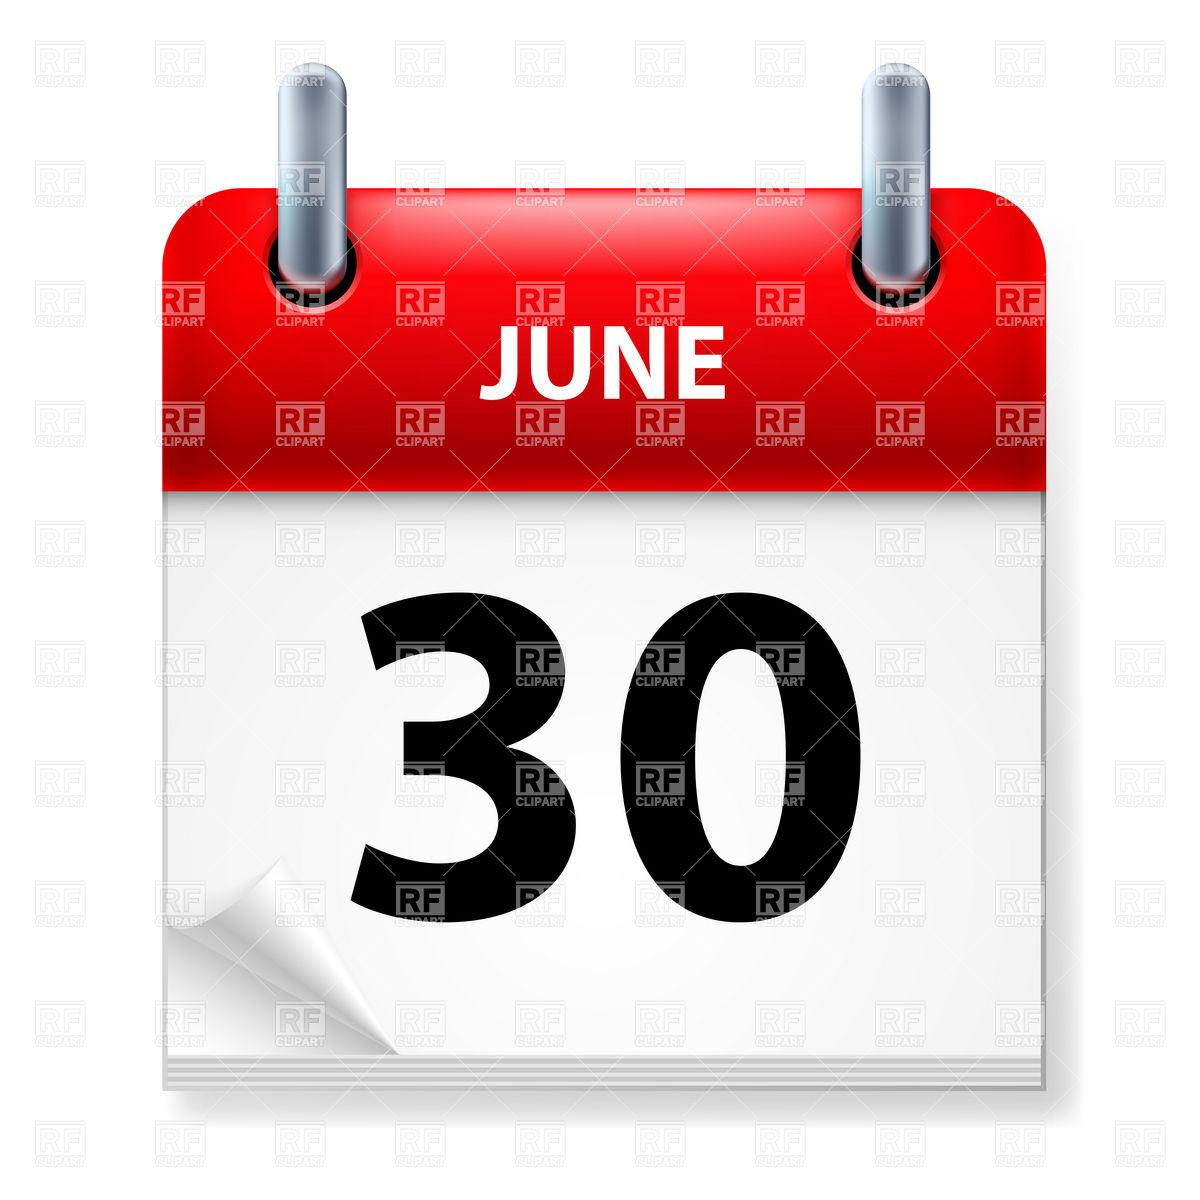 June calendar clipart vector download 30 of June calendar Vector Image #7106 – RFclipart vector download